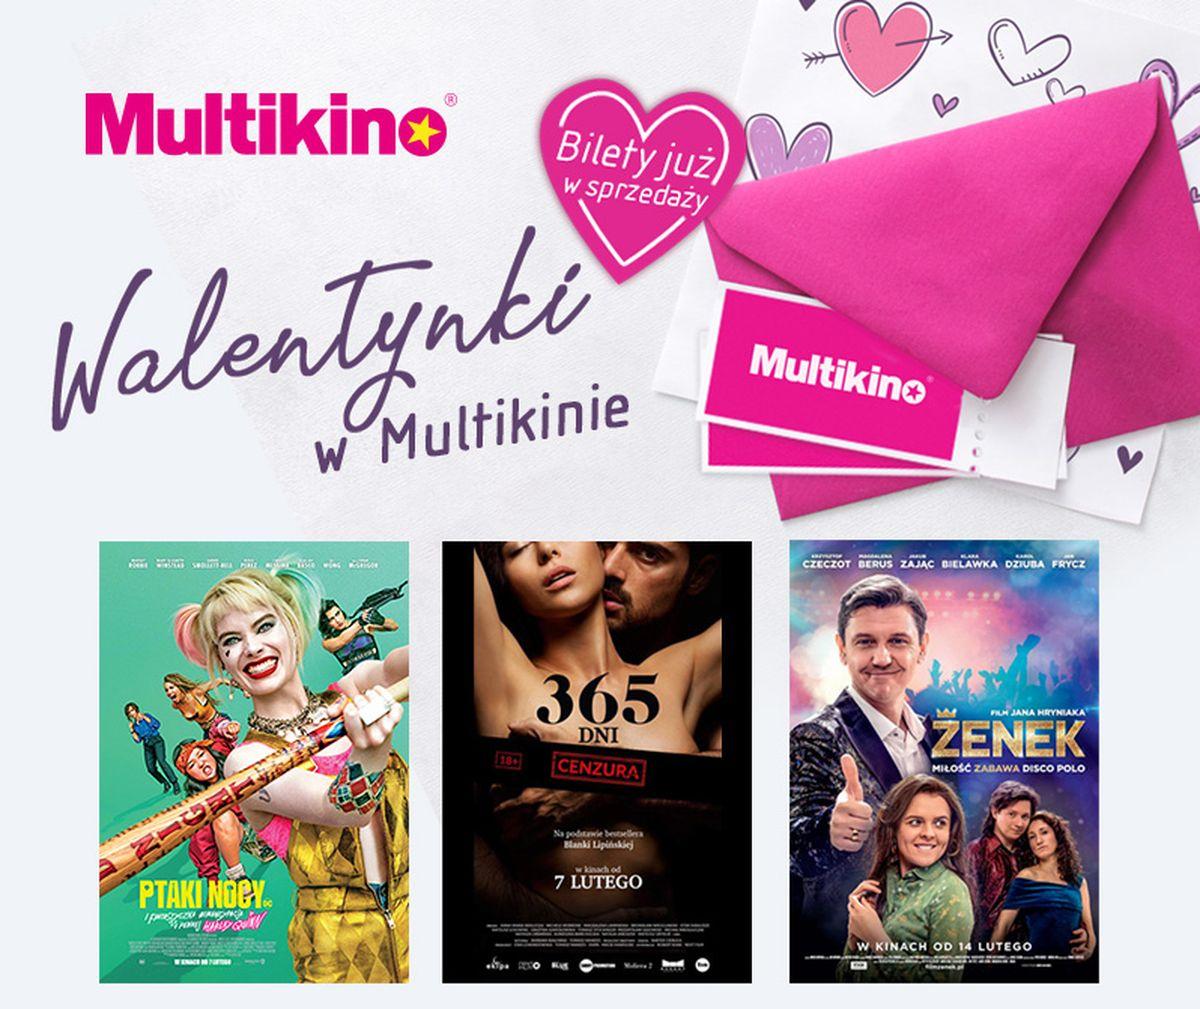 Walentynki w Multikinie –  spędź je na swój sposób